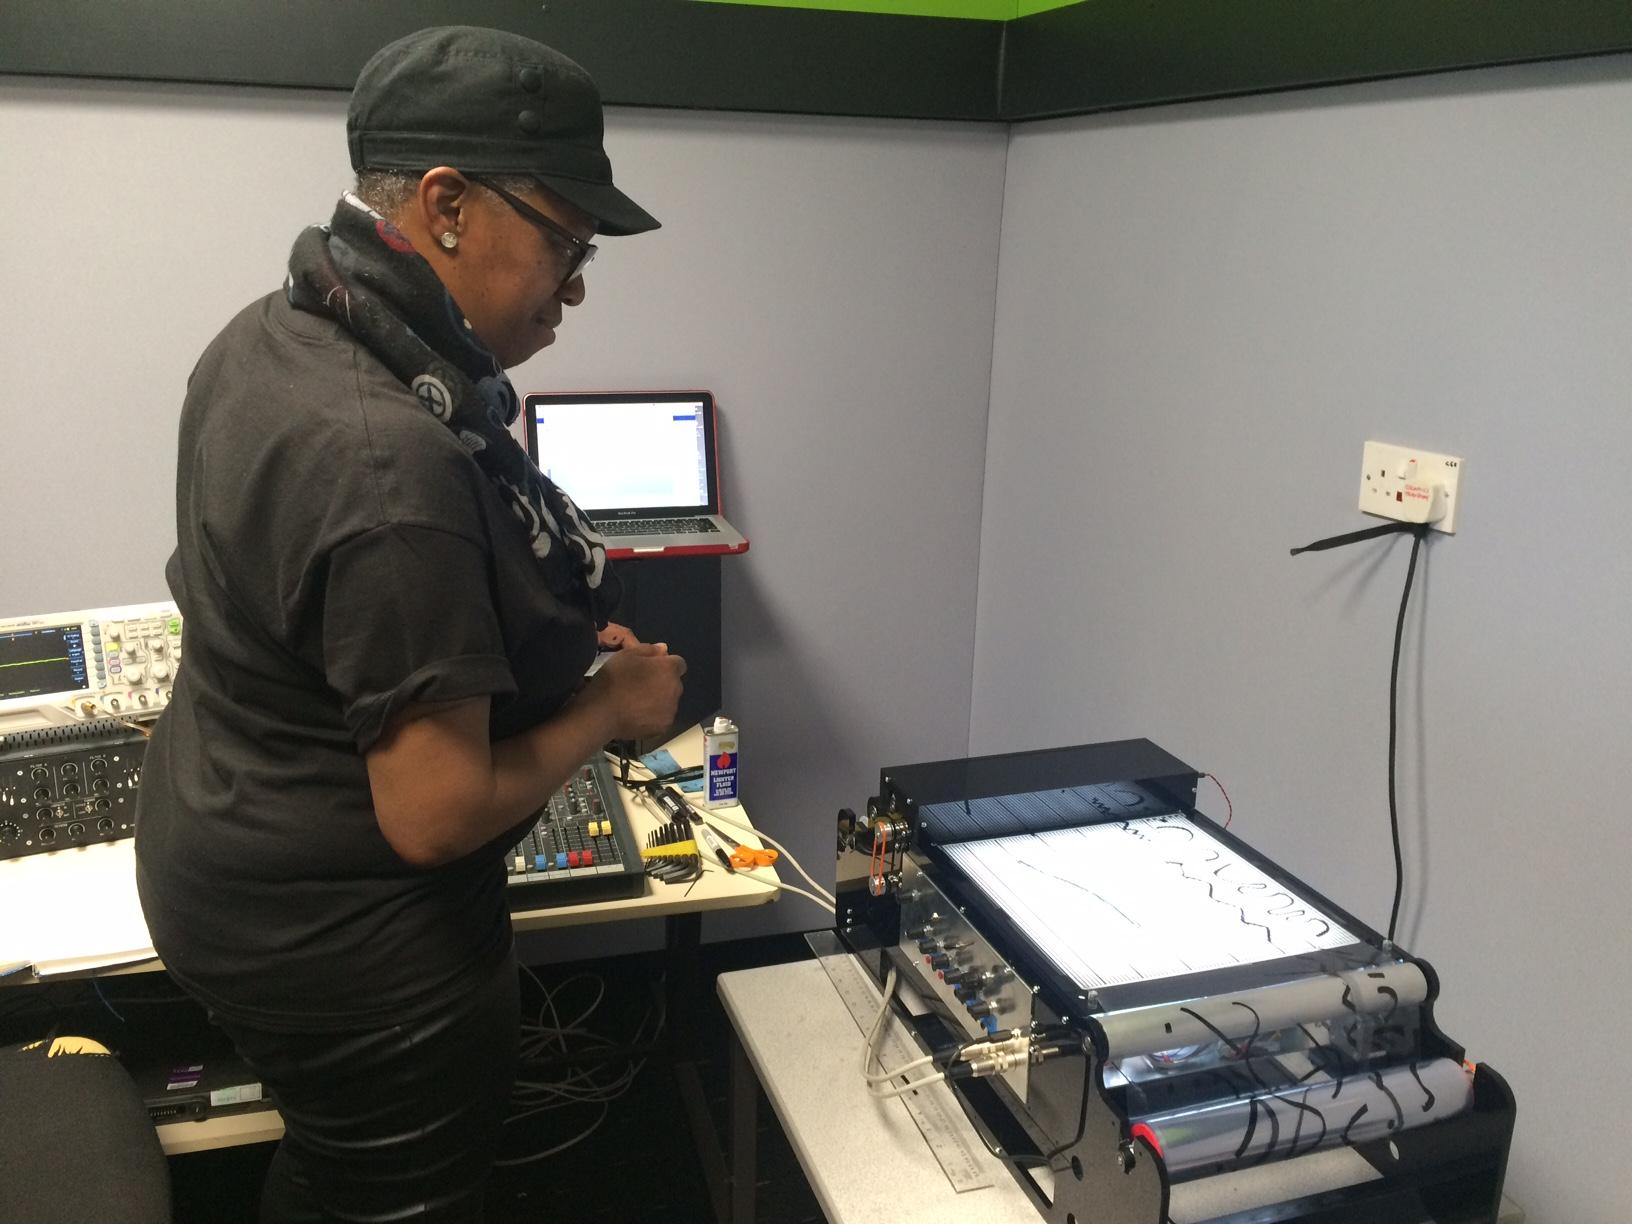 Sound artist Ain Bailey